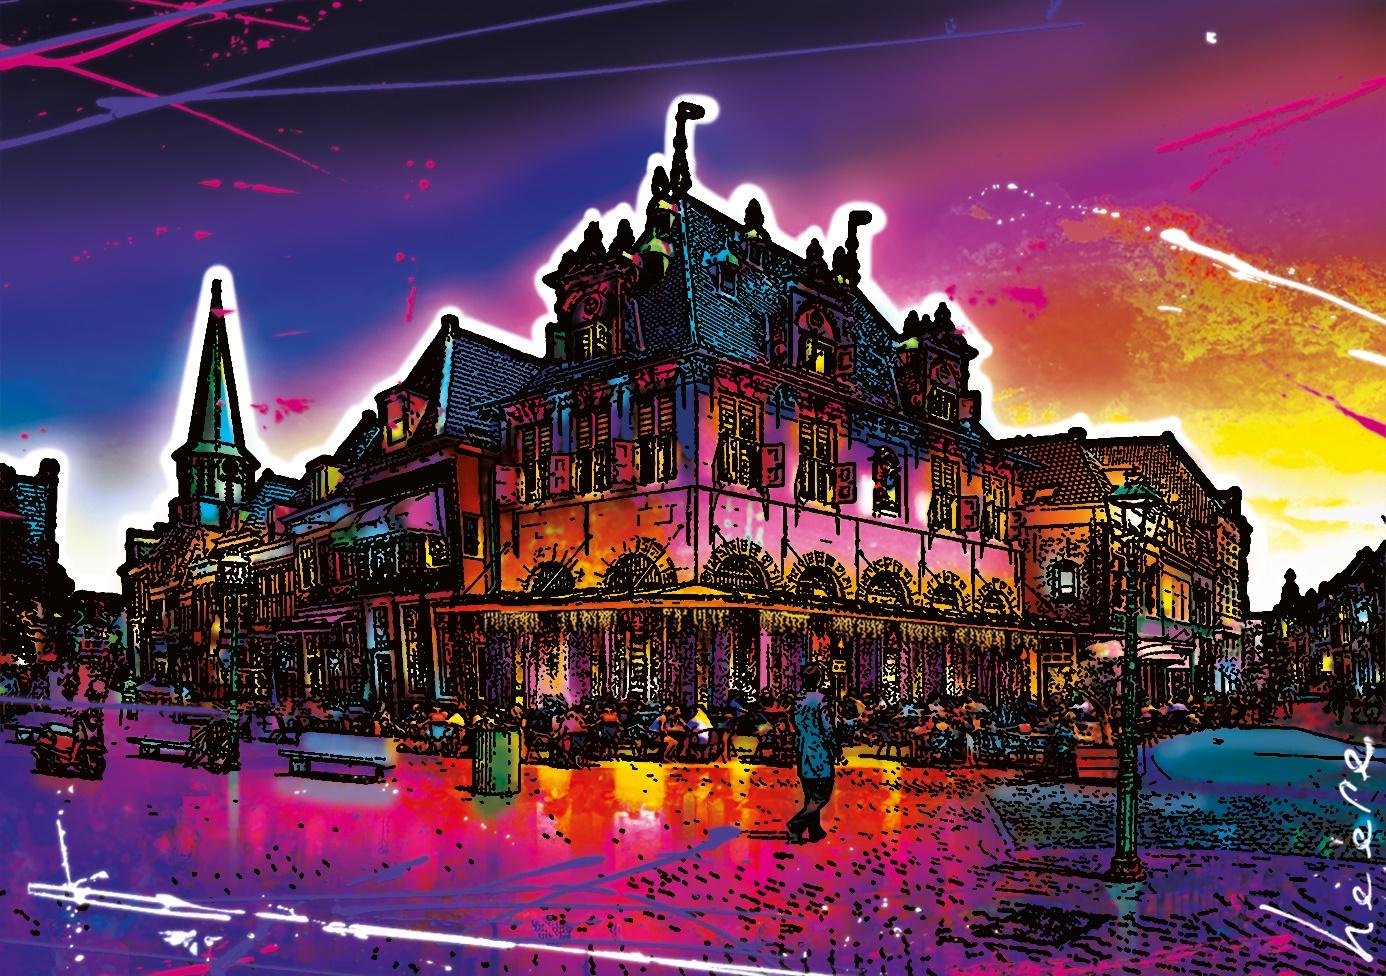 Kleurrijk stadsgezicht Hoorn door Raymond Heere. (Afbeelding aangeleverd)